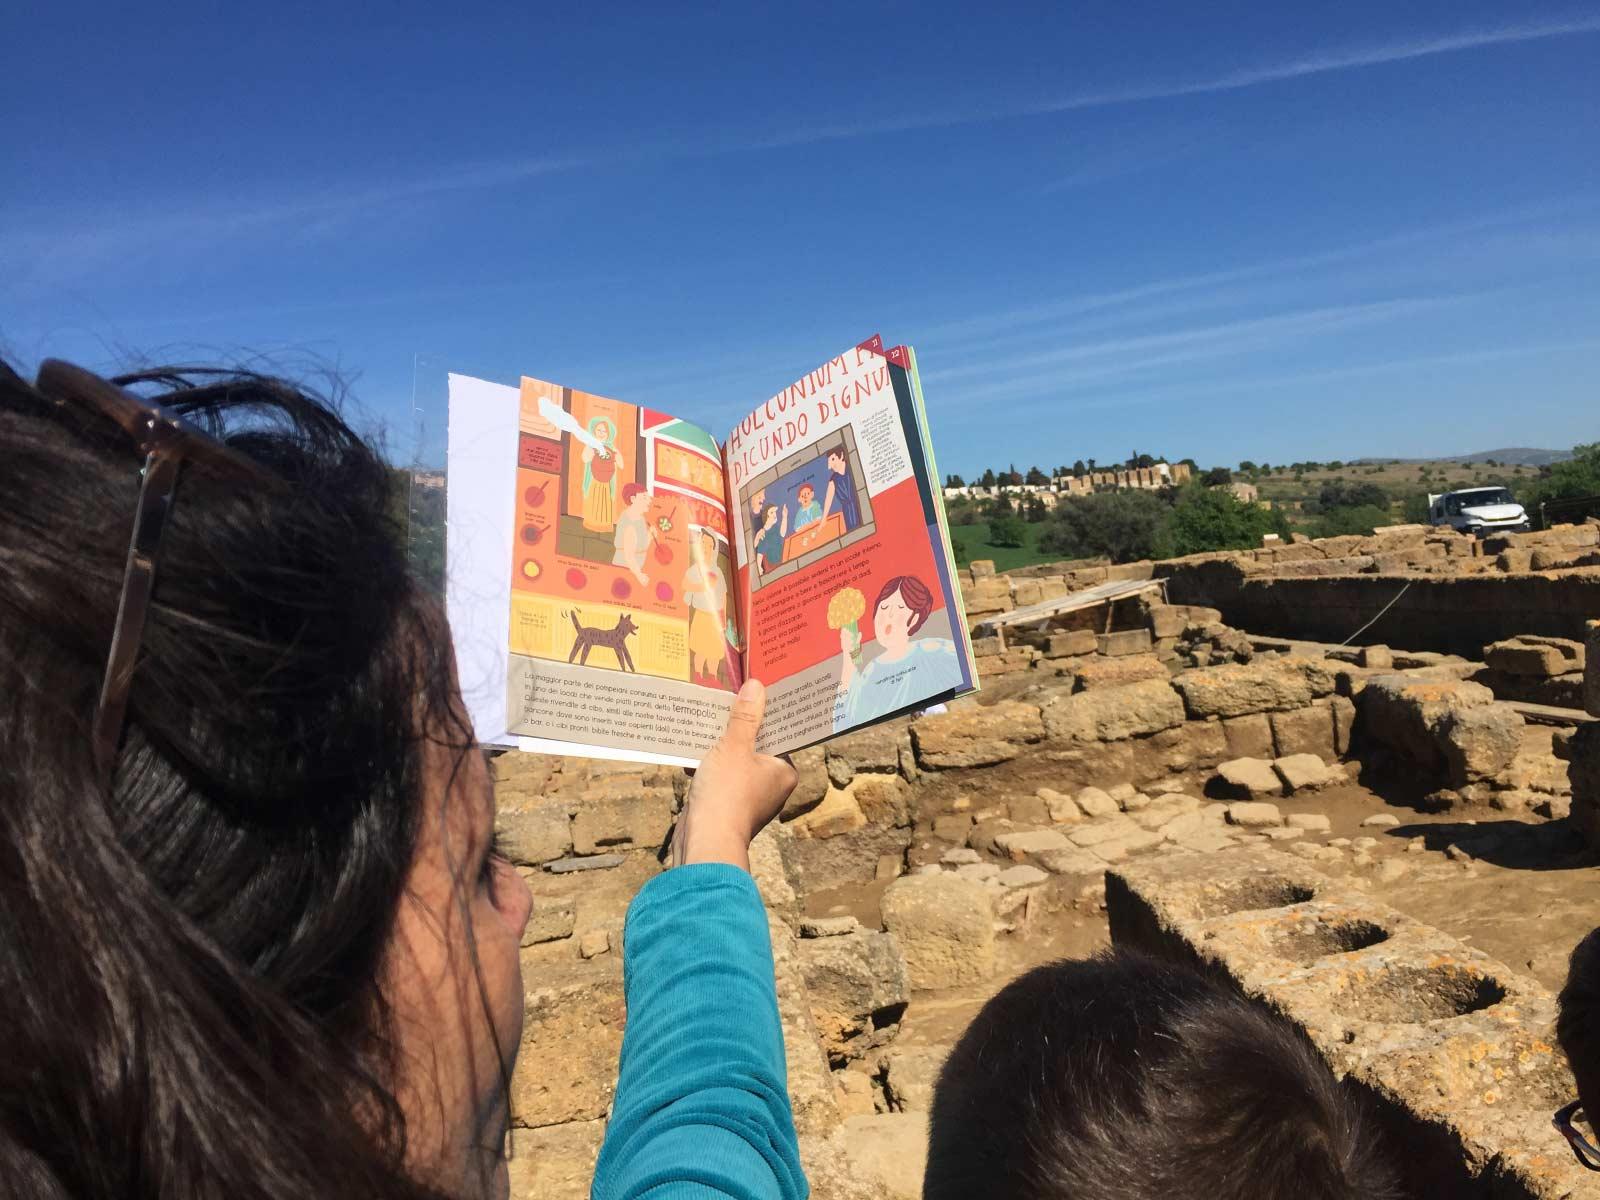 La guida Laura Danile con un libro illustrato a colori racconta il termopolium ai bambini durante un family tour